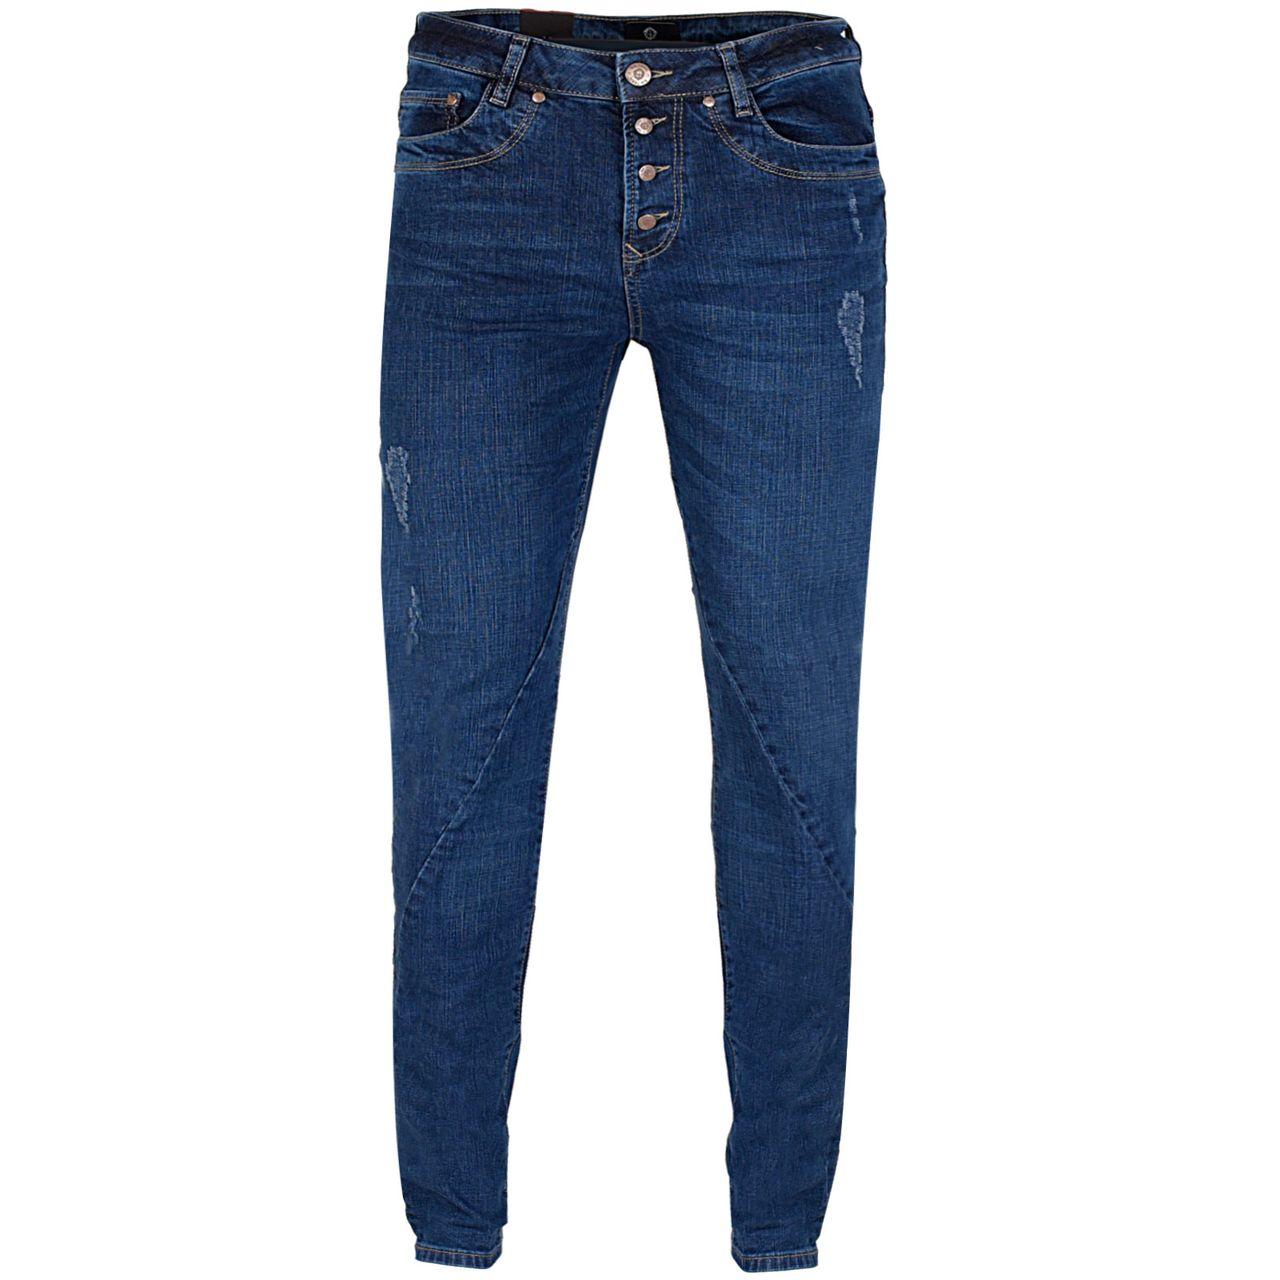 GIN TONIC Damen Boyfriend Jeans Mid Blue Wash